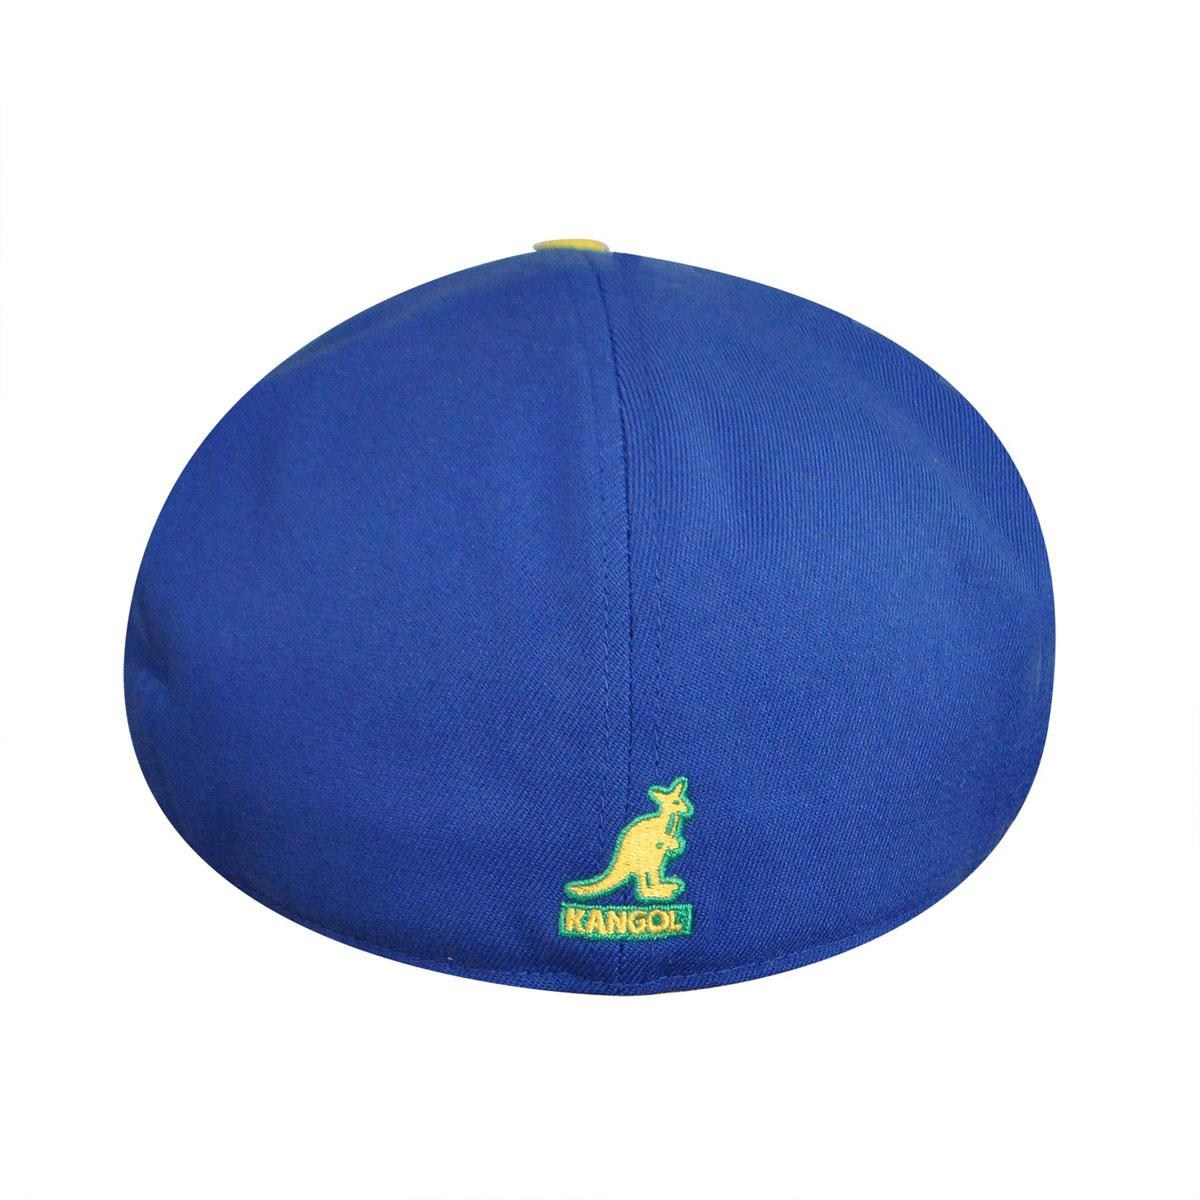 Kangol Mens Nations Flexfit 504 Cap Cap